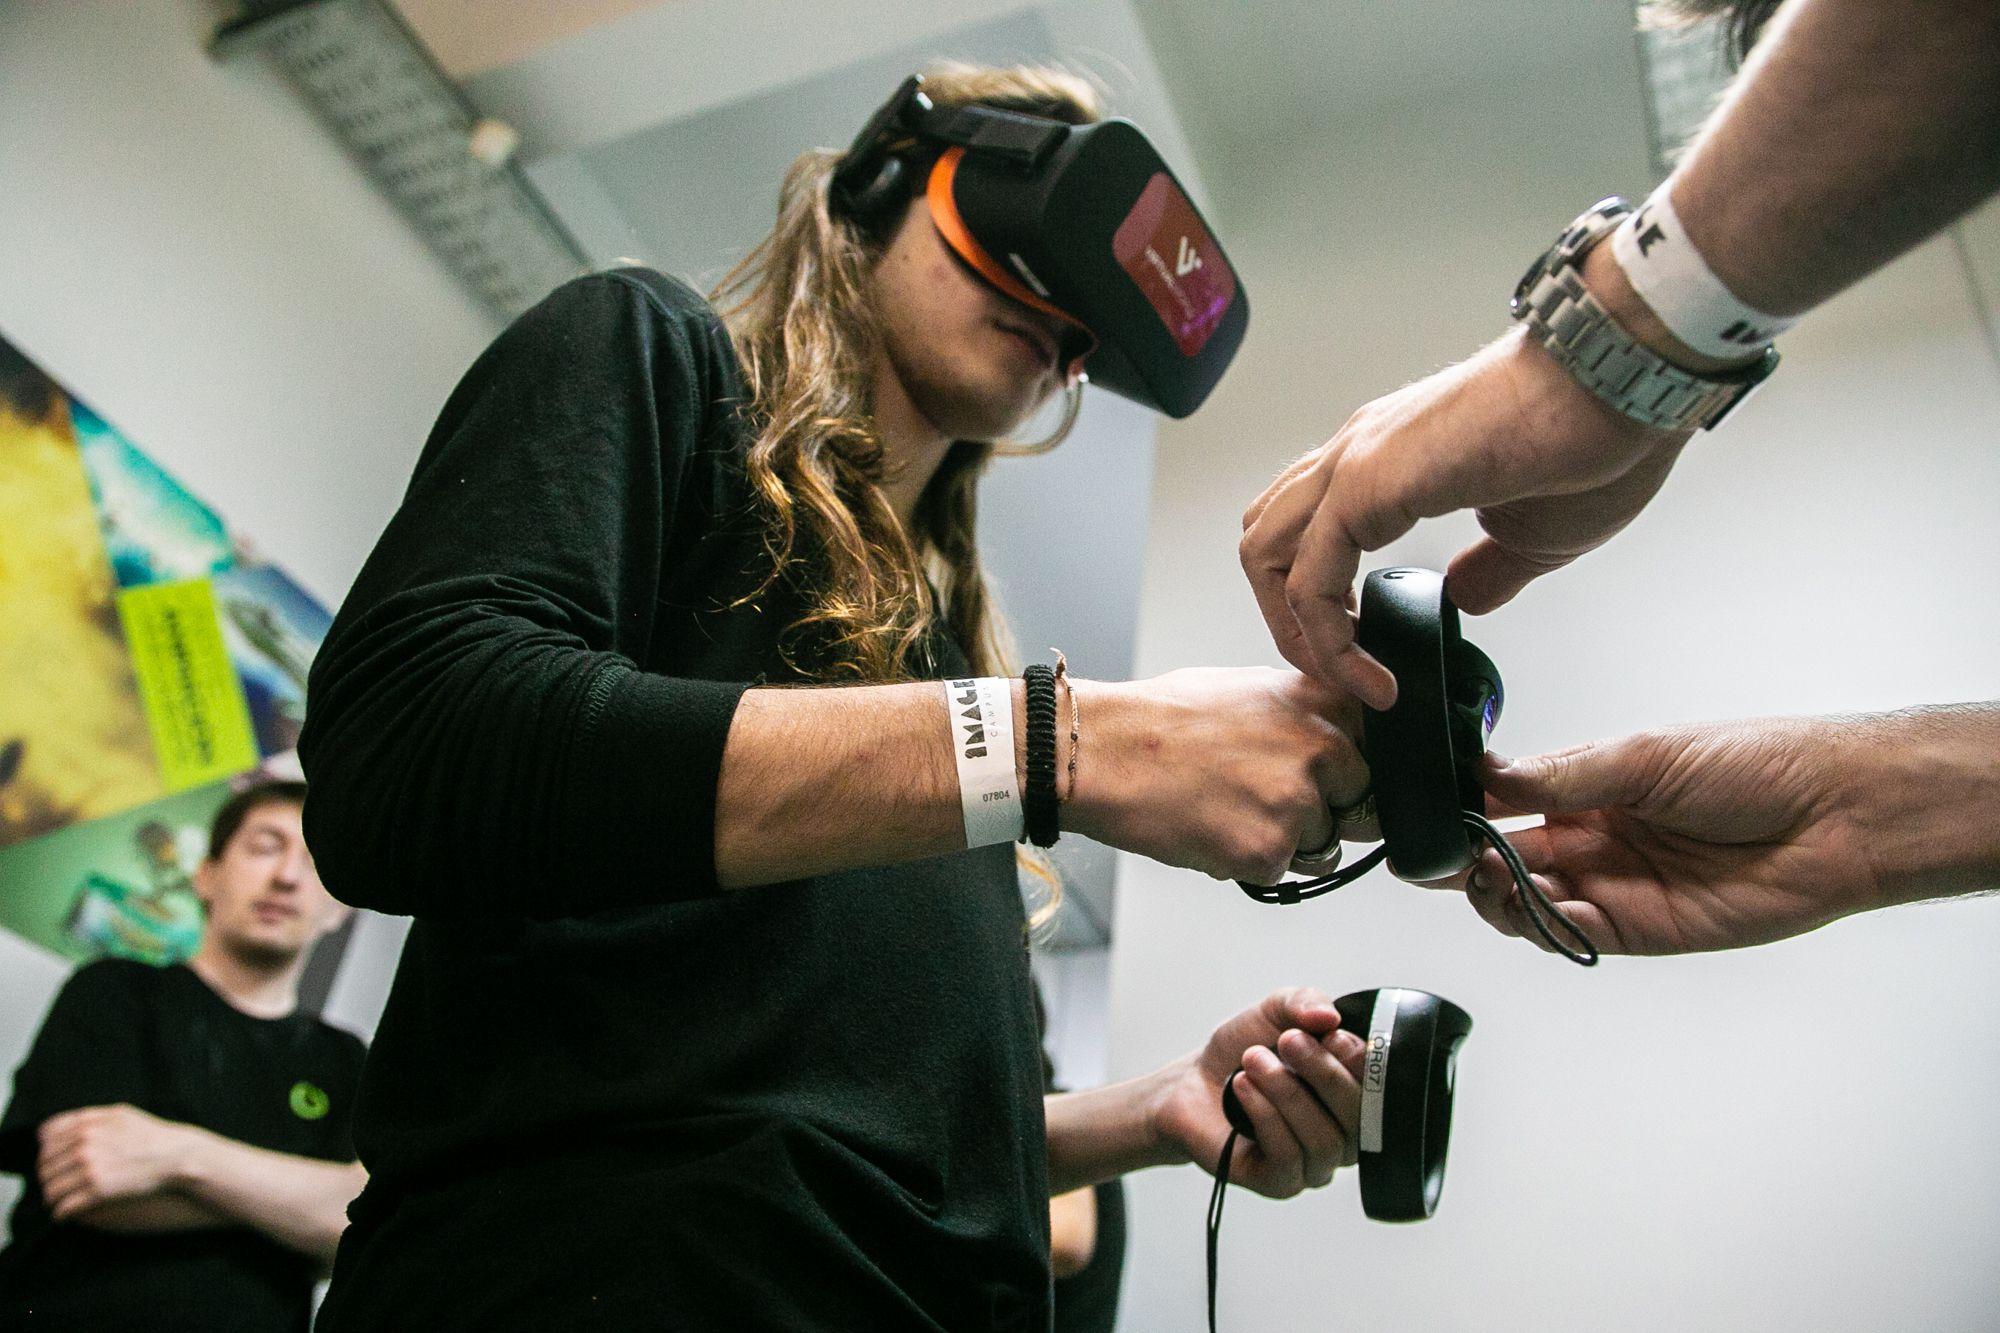 El Encuentro Núcleo combinó arte, videojuegos y robótica.